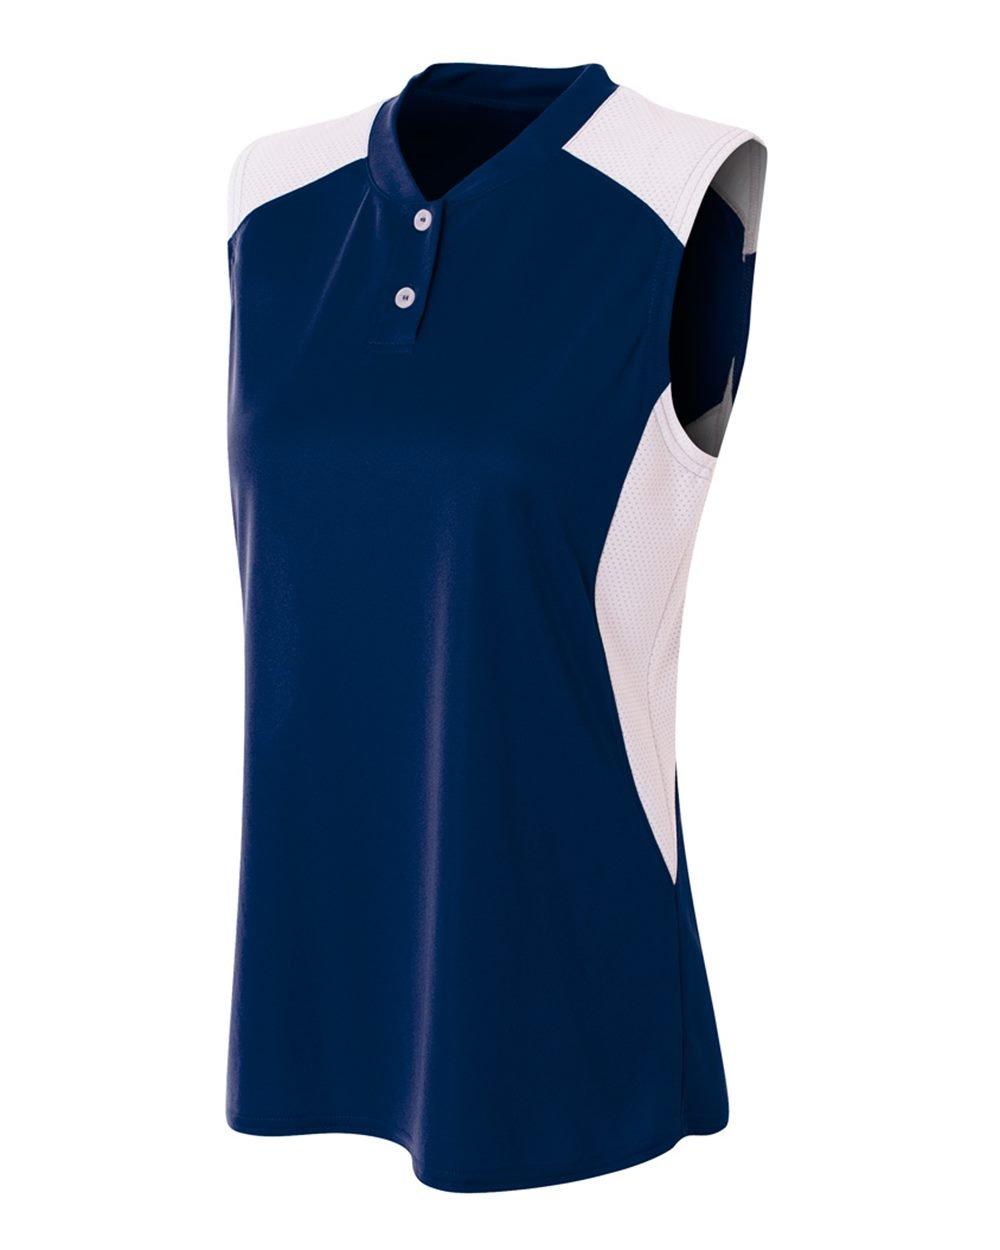 レディースノースリーブ2ボタンMoisture Wicking 2色アスレチックシャツ/ Uniform Jersey Top B01IC9PGSG Women's M|ネイビー/ホワイト ネイビー/ホワイト Women's M